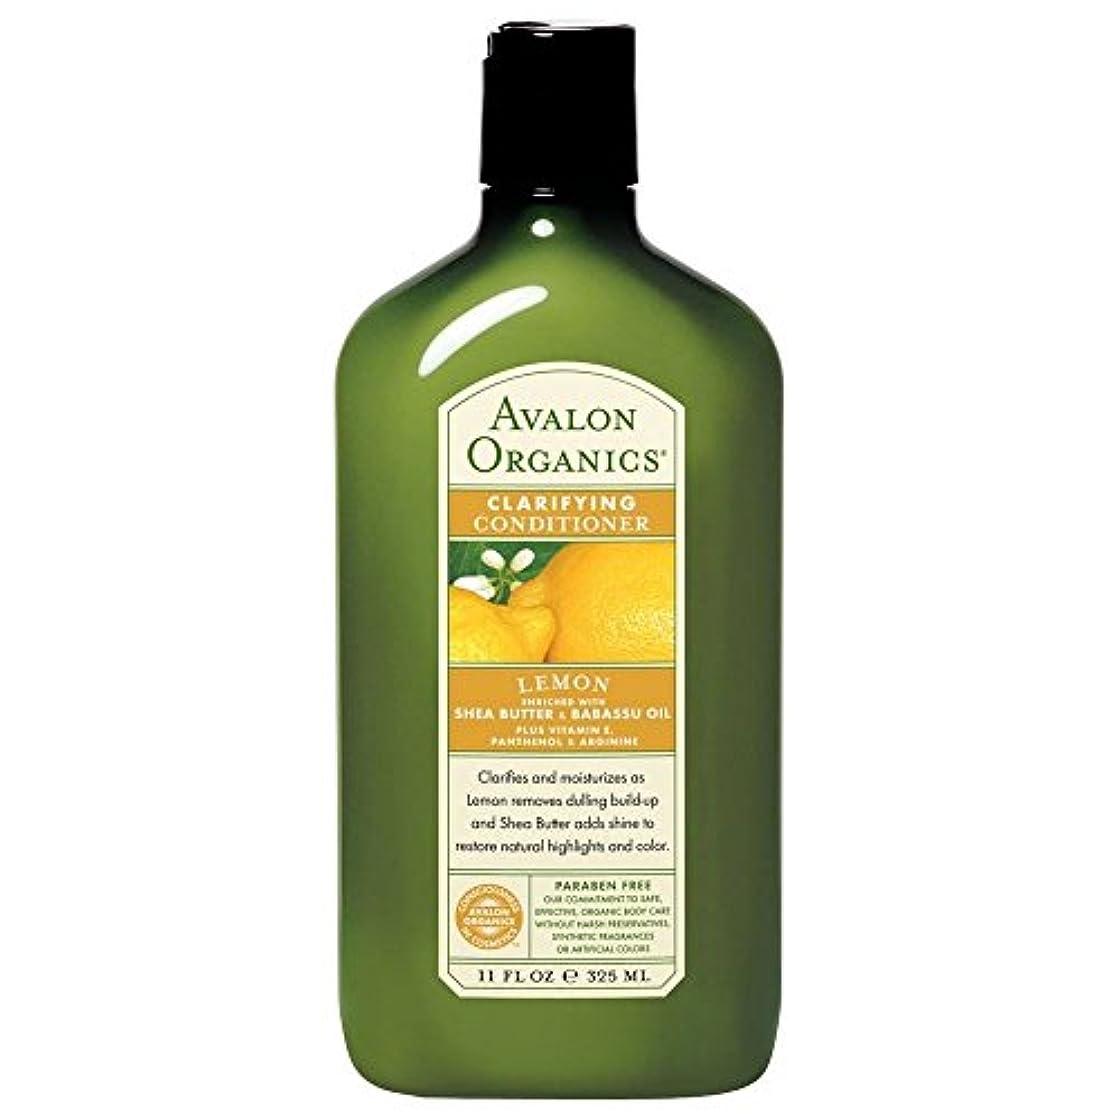 特権入り口美しい[Avalon ] コンディショナーを明確にアバロンの有機物 - レモン(325ミリリットル) - Avalon Organics Clarifying Conditioner - Lemon (325ml) [並行輸入品]